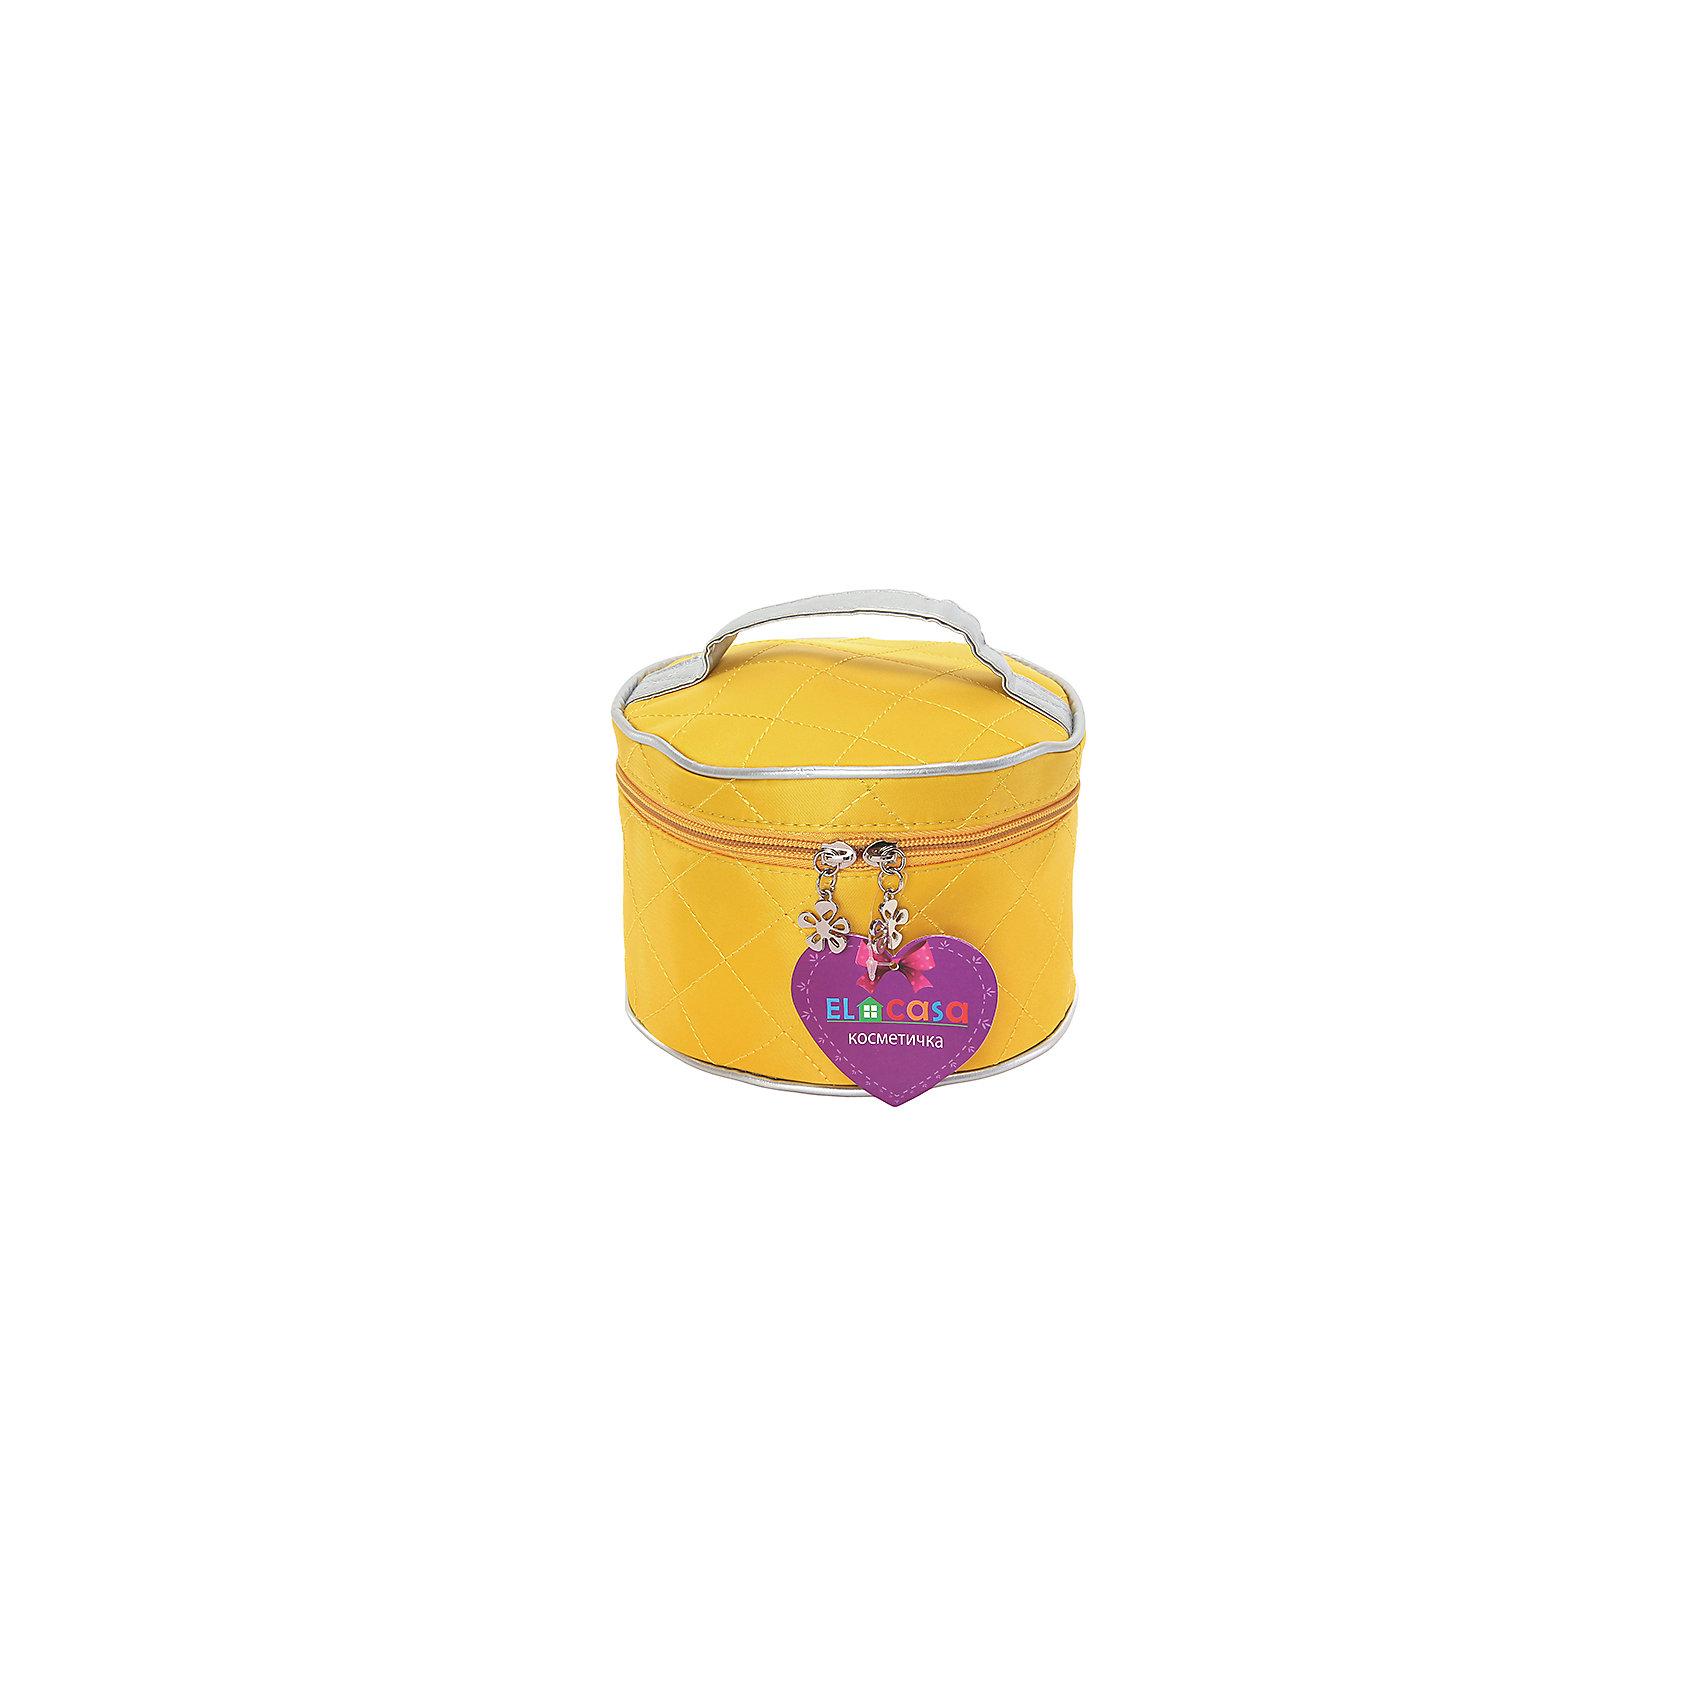 Косметичка Желтая, стеганая, EL CasaВ дорогу<br>Характеристики товара:<br><br>• цвет: желтый<br>• материал: полиэстер 100%<br>• размер: 17 х 17 х 12 см<br>• вес: 100 г<br>• застежка: молния<br>• ручка<br>• стильный дизайн<br>• удобная<br>• защита вещей от пыли<br>• стеганая<br>• универсальный размер<br>• страна бренда: Российская Федерация<br>• страна производства: Китай<br><br>Эта косметичка - отличный пример красивой и функциональной вещи. В ней удобной хранить различные мелочи, благодаря универсальному дизайну и небольшому размеру косметичка легко влезает в сумочку.<br><br>Яркая косметичка может стать отличным приобретением для дома или подарком для любителей красивых оригинальных вещей.<br><br>Бренд EL Casa - это красивые и практичные товары для дома с современным дизайном. Они добавляют в жильё уюта и комфорта! <br><br>Косметичку Желтая, стеганая, EL Casa, можно купить в нашем интернет-магазине.<br><br>Ширина мм: 170<br>Глубина мм: 170<br>Высота мм: 30<br>Вес г: 120<br>Возраст от месяцев: 0<br>Возраст до месяцев: 1188<br>Пол: Унисекс<br>Возраст: Детский<br>SKU: 6668807